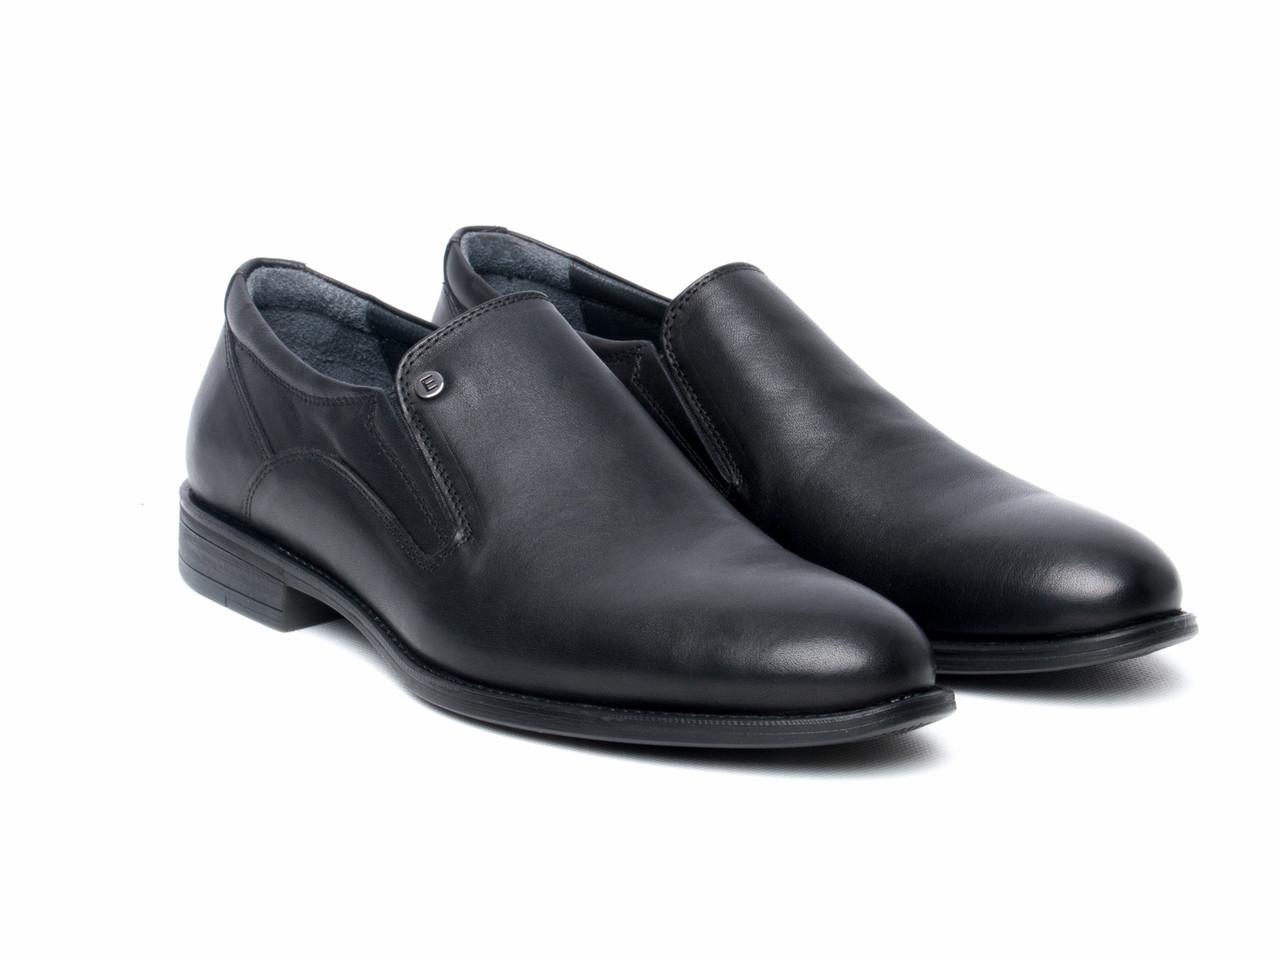 Туфли Etor 10271-7257 43 черные